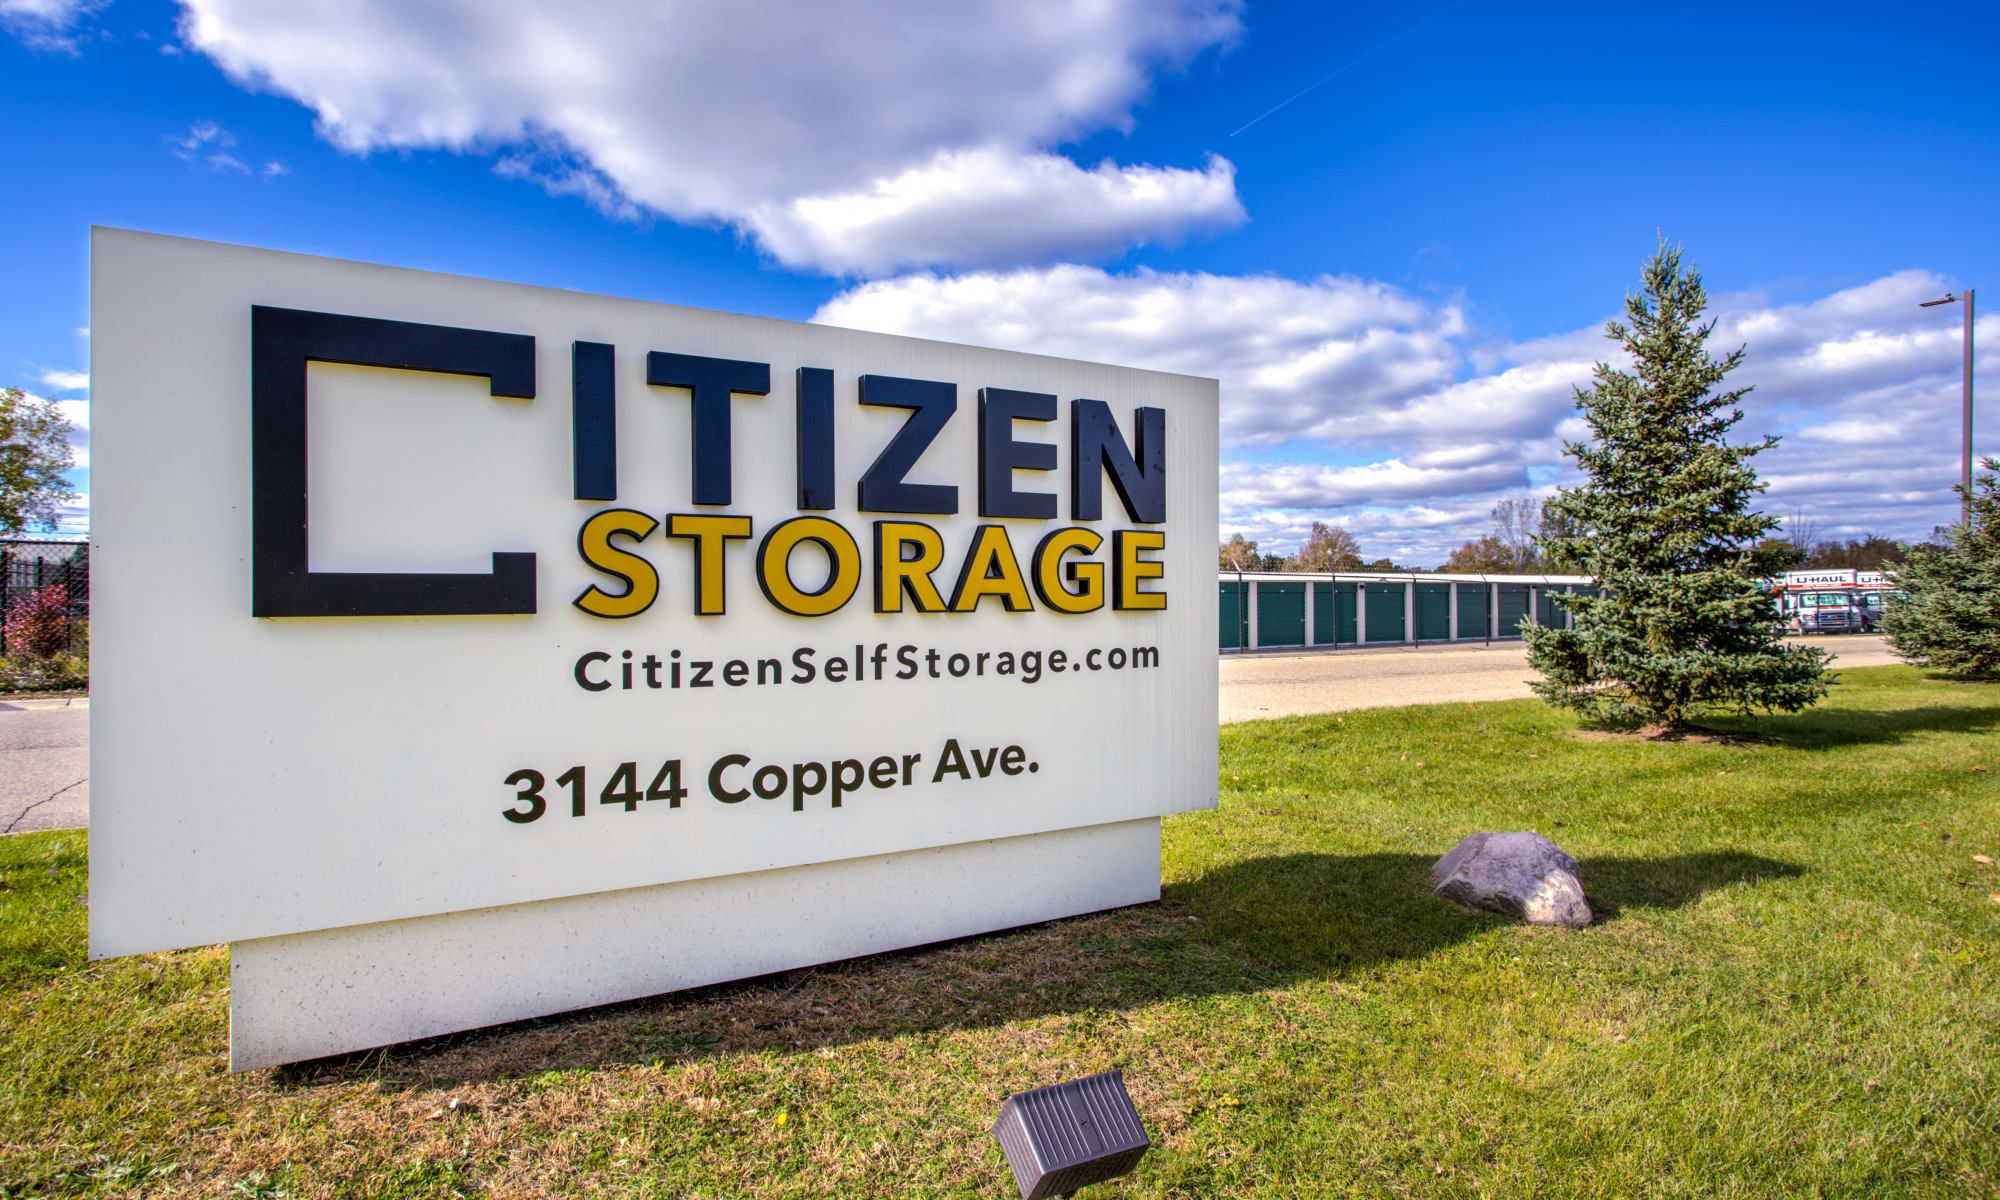 Self Storage at Citizen Storage in Fenton, Michigan